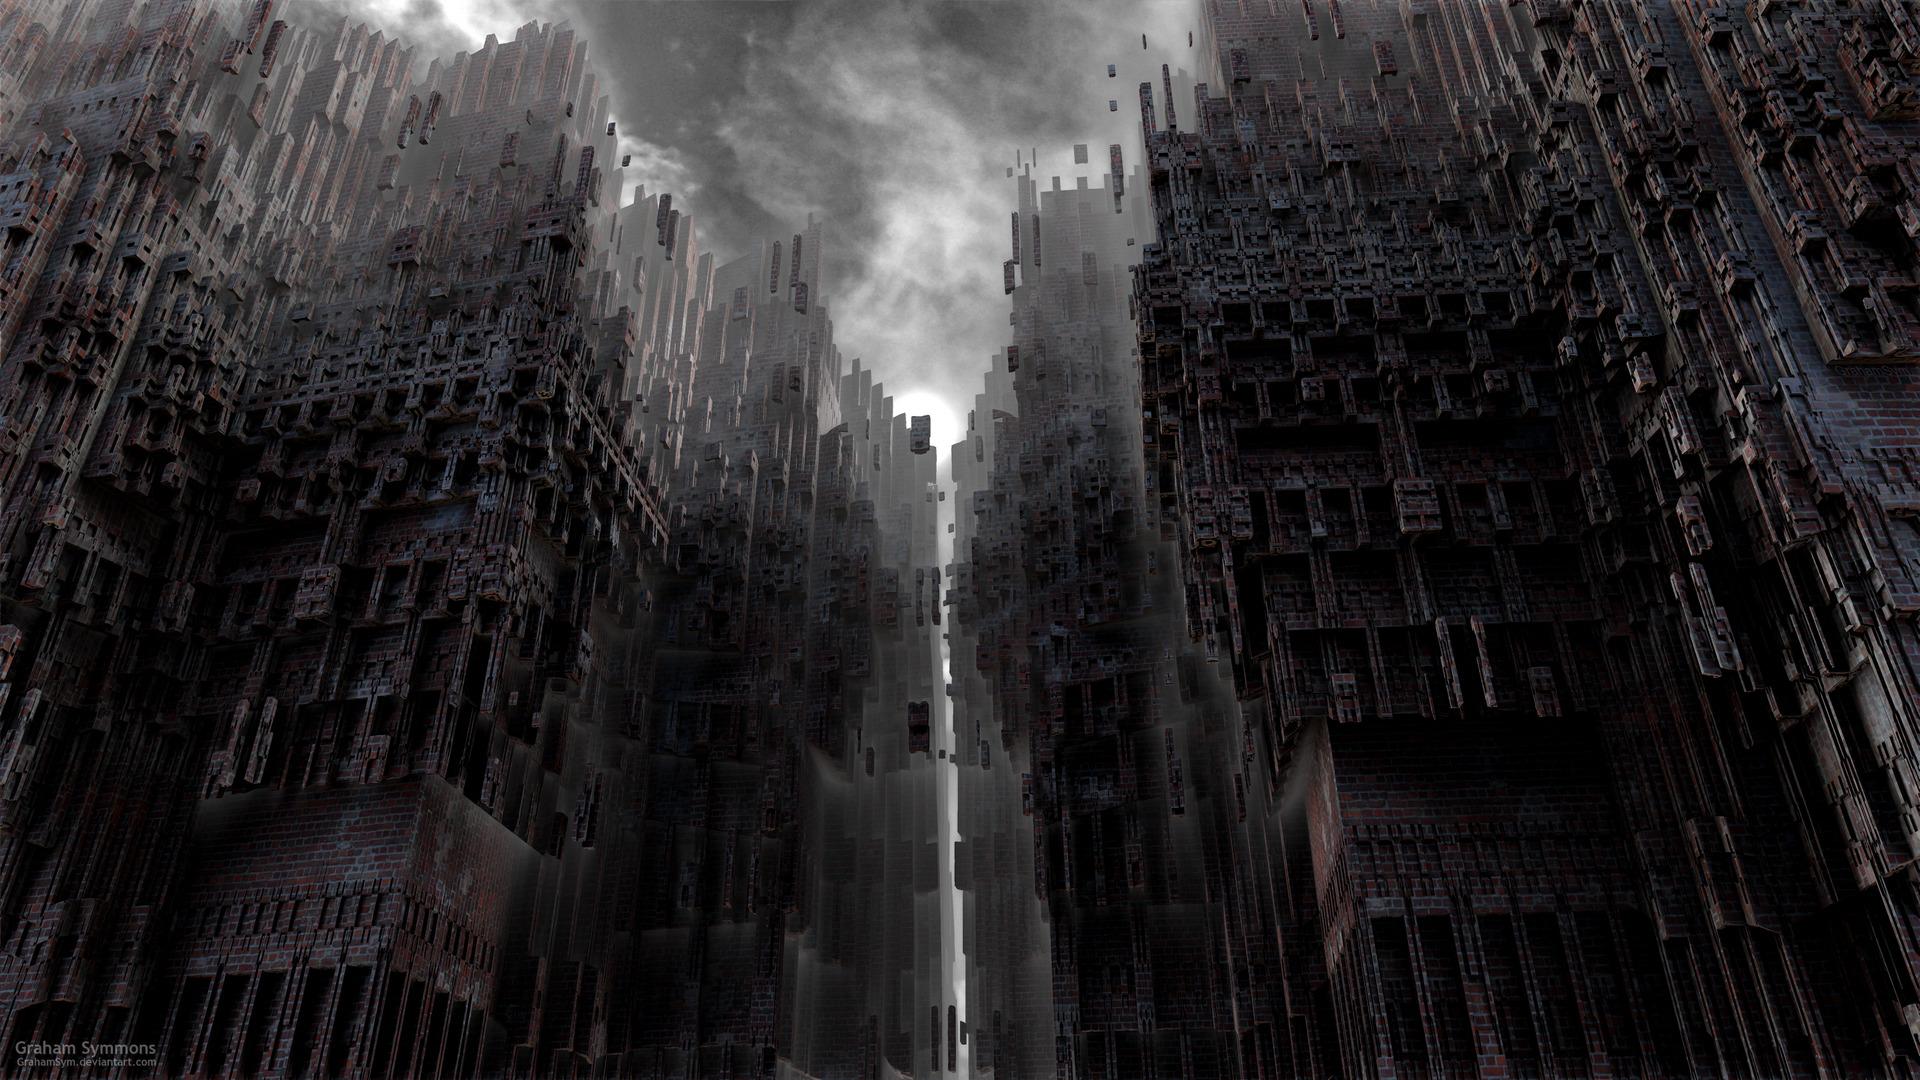 1920x1080 px DeviantArt digital art Gothic